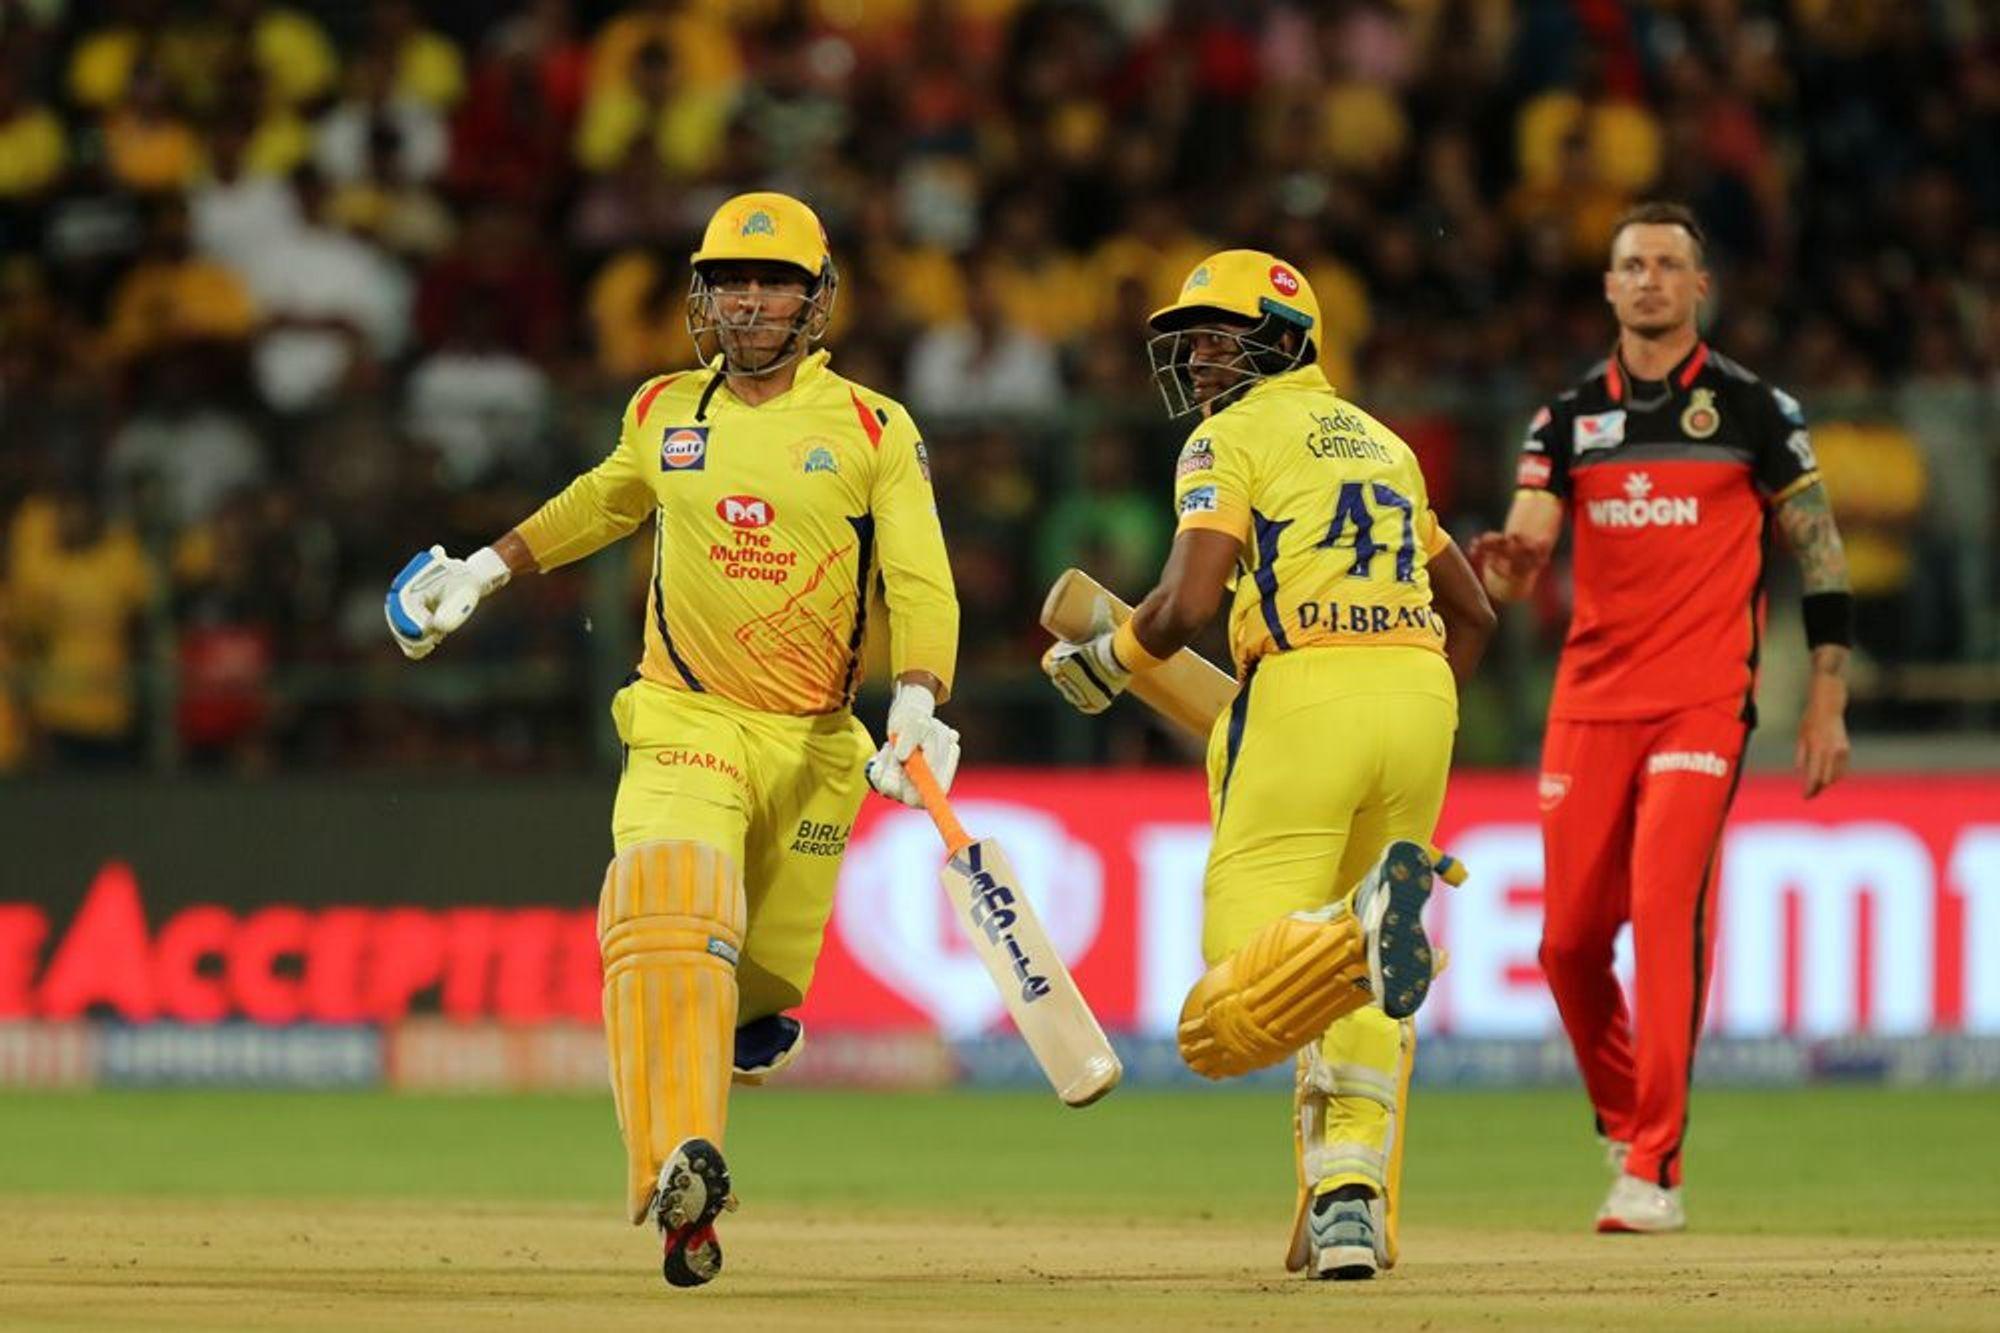 WATCH : एक रन से मैच जीतने के बाद पार्थिव पटेल को गोदी में उठा कर घूमें मोहम्मद सिराज 1